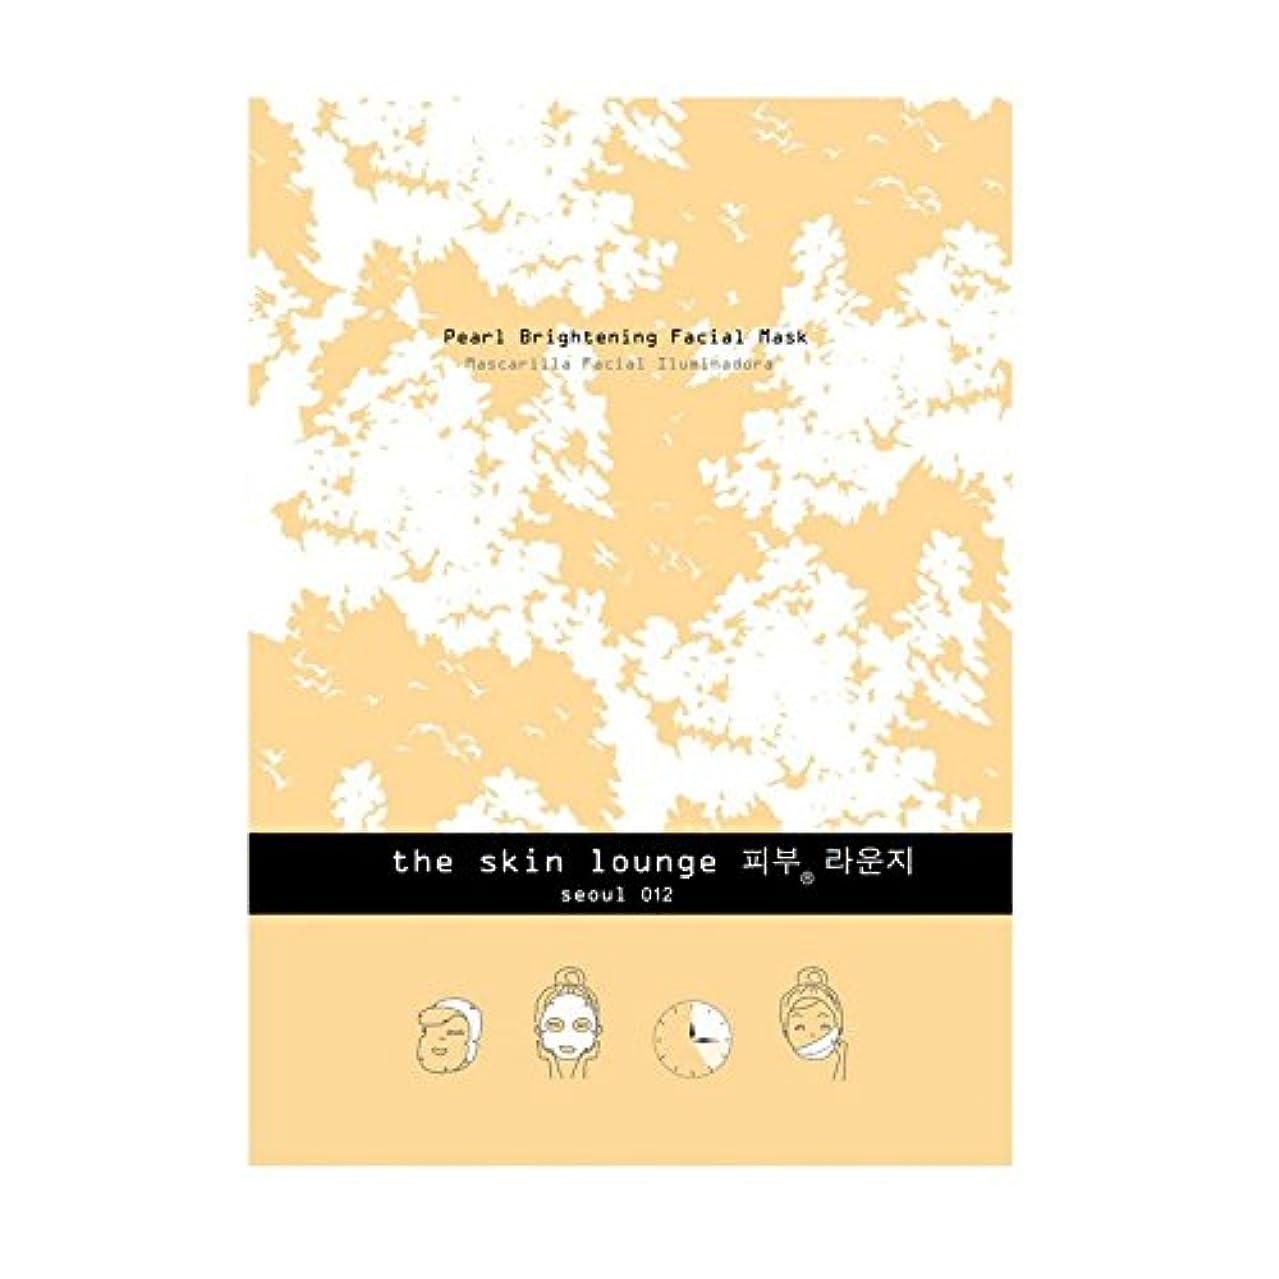 過半数プラスチック応じる単一セルロースマスクを明るく皮膚ラウンジ真珠 x4 - The Skin Lounge Pearl Brightening Single Cellulose Mask (Pack of 4) [並行輸入品]